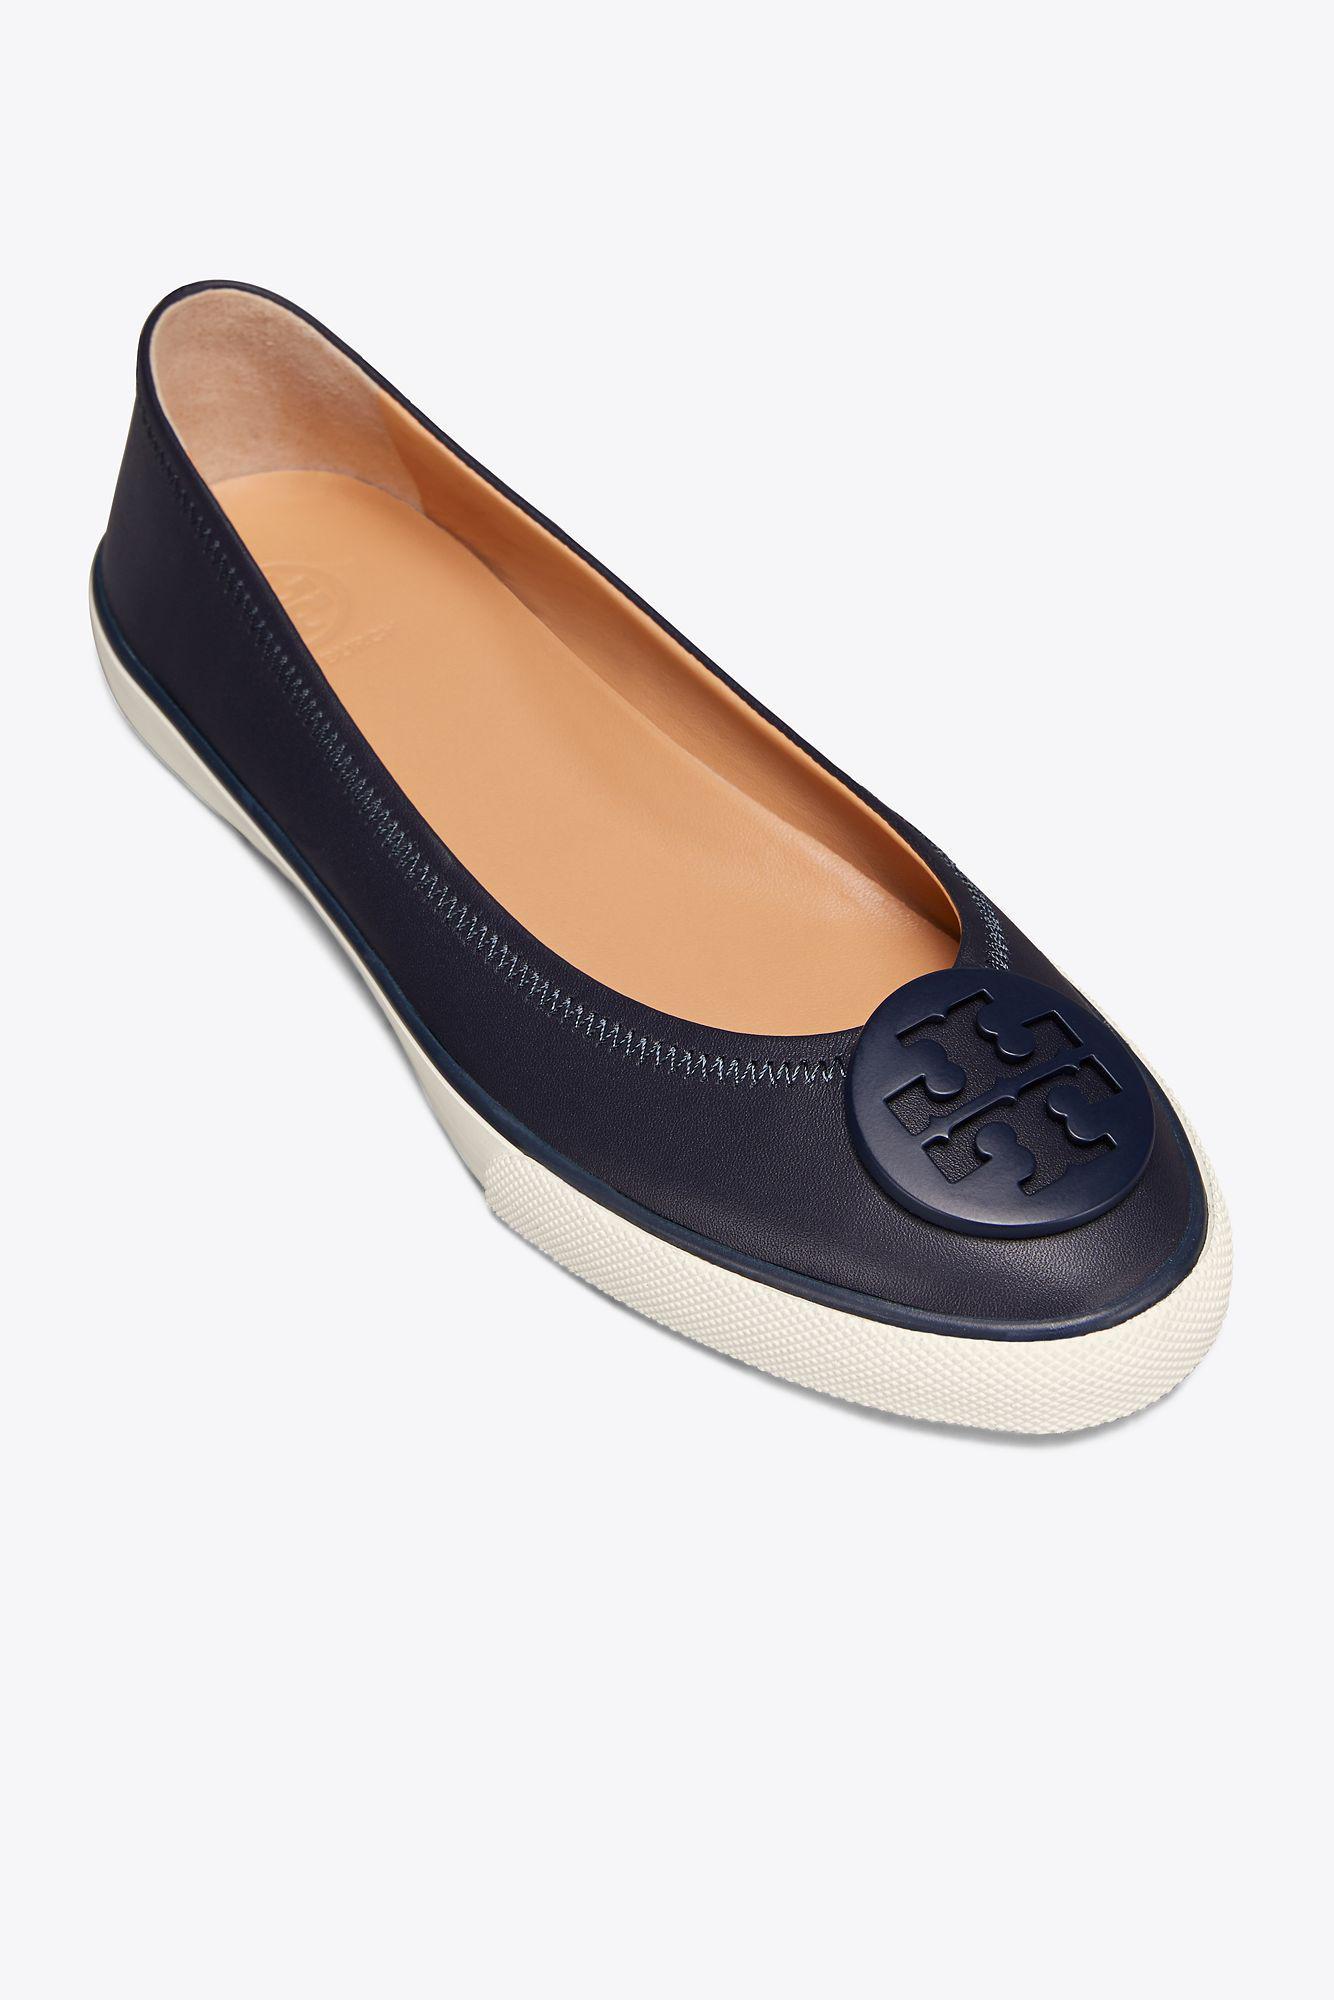 fb3a65a99068 Lyst - Tory Burch Skylar Ballet Sneaker in Blue